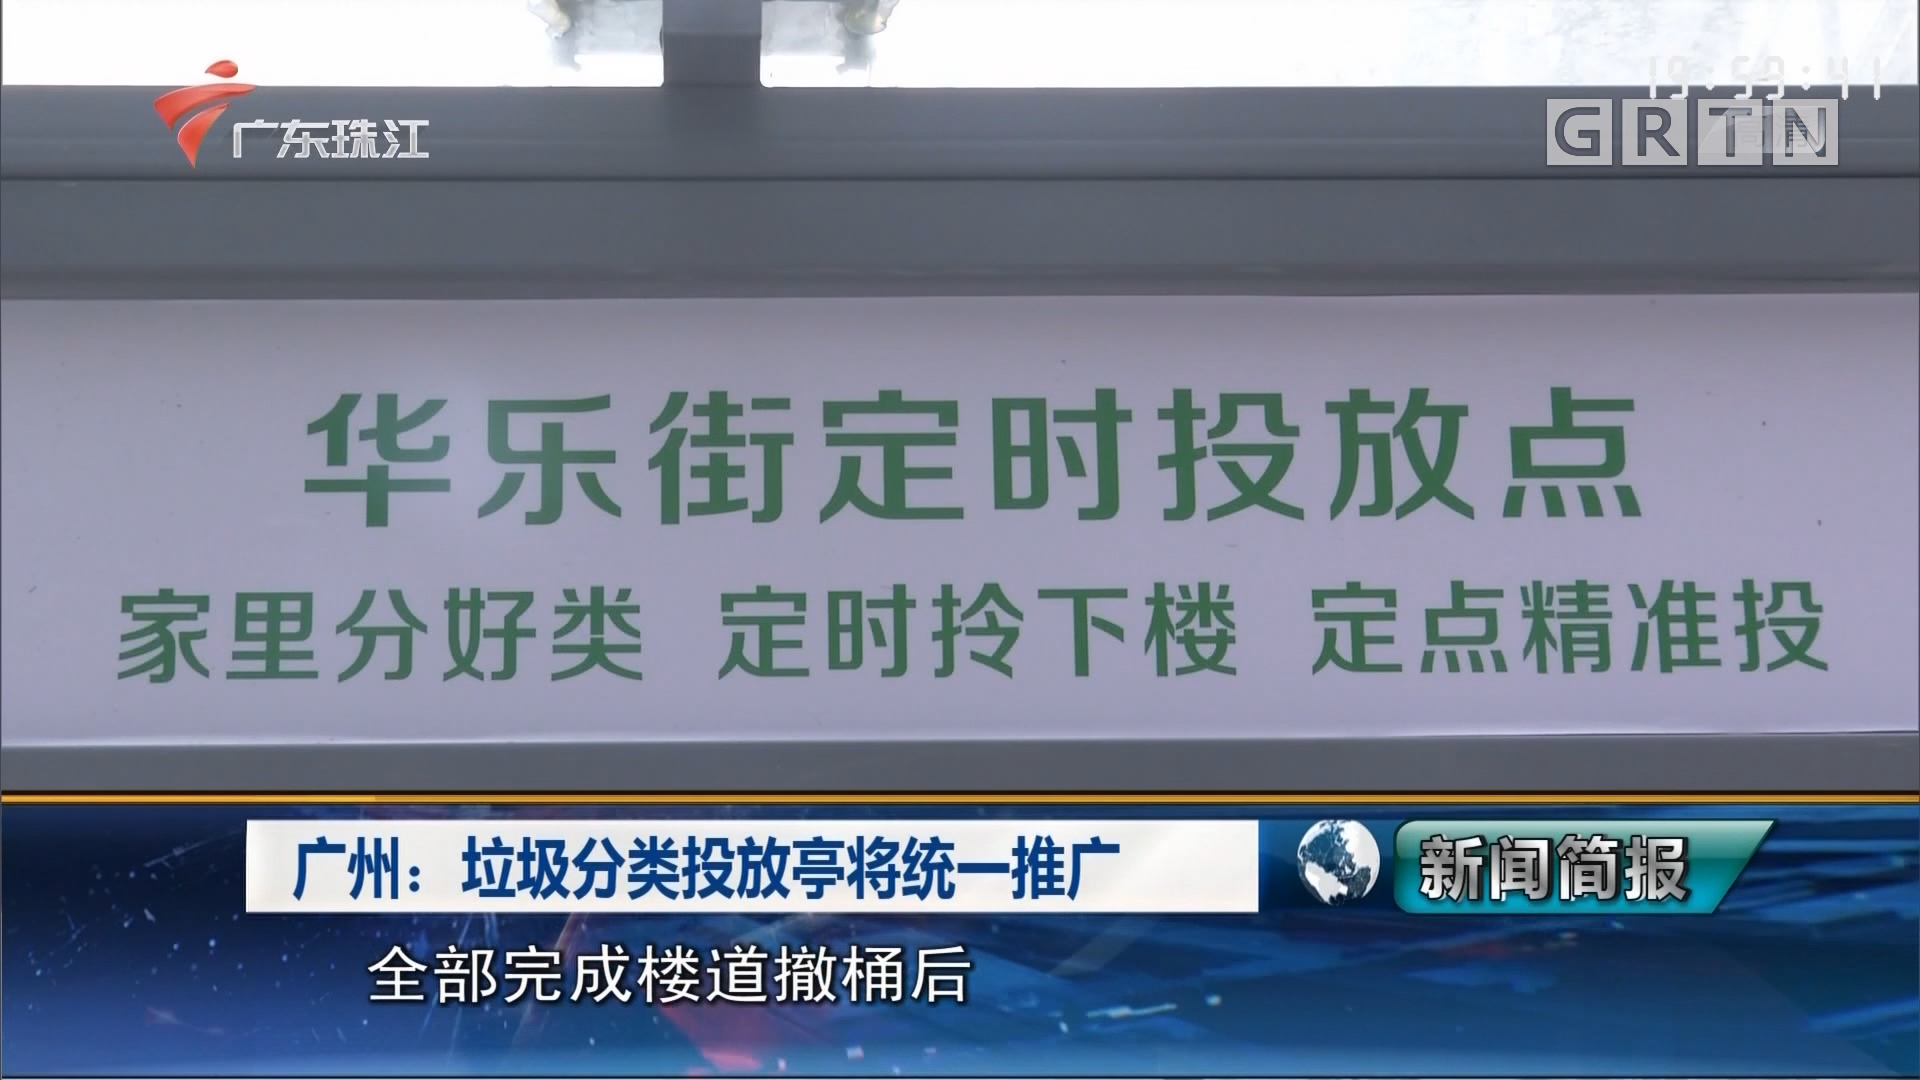 广州:垃圾分类投放亭将统一推广